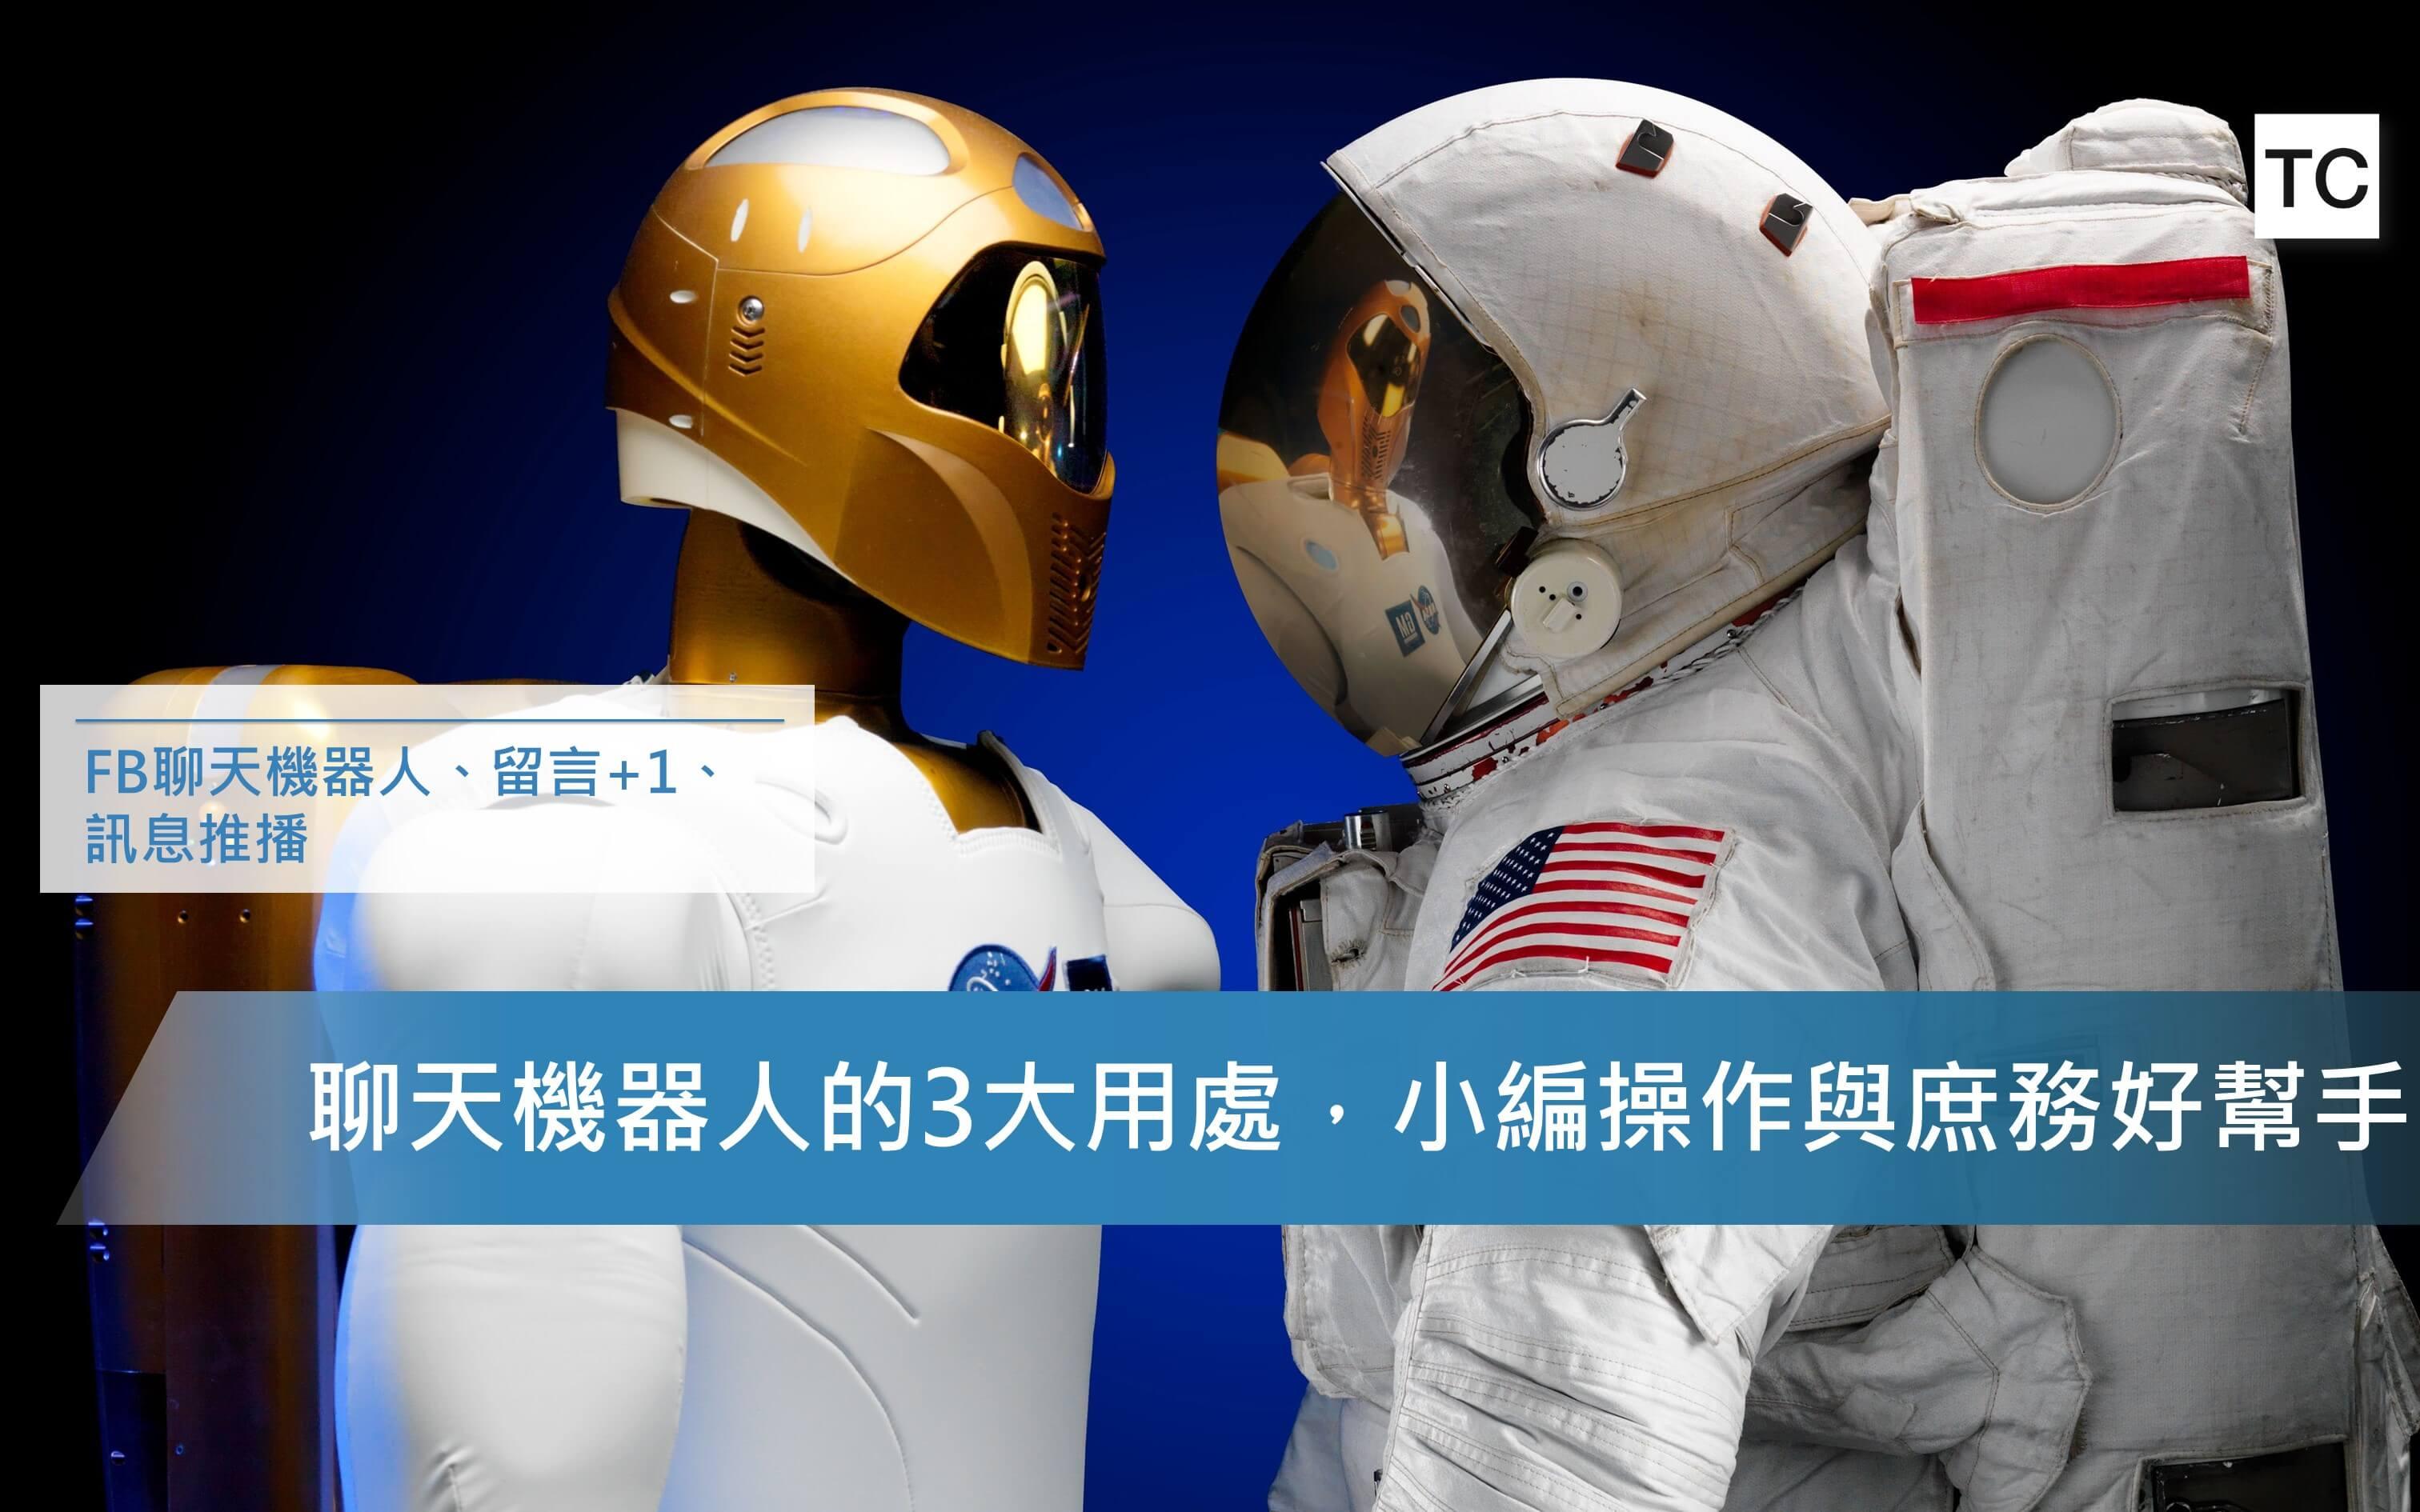 FB聊天機器人自動行銷,聊天機器人對行銷人有甚麼好處?